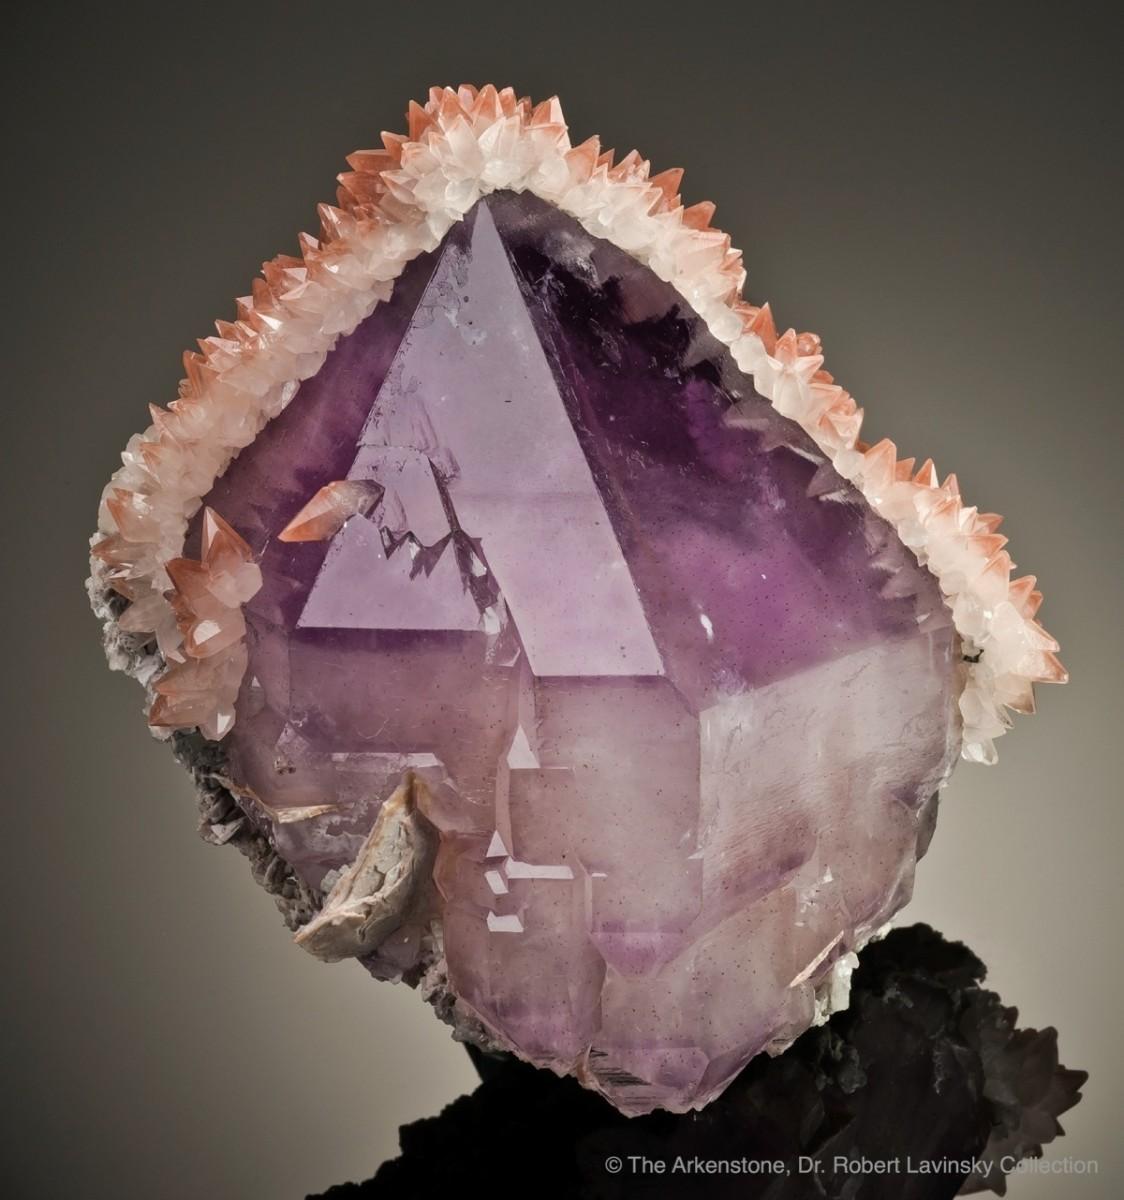 newchina1-amethyst-calcite-fengjiashanmine-china-11cm-jb968-09